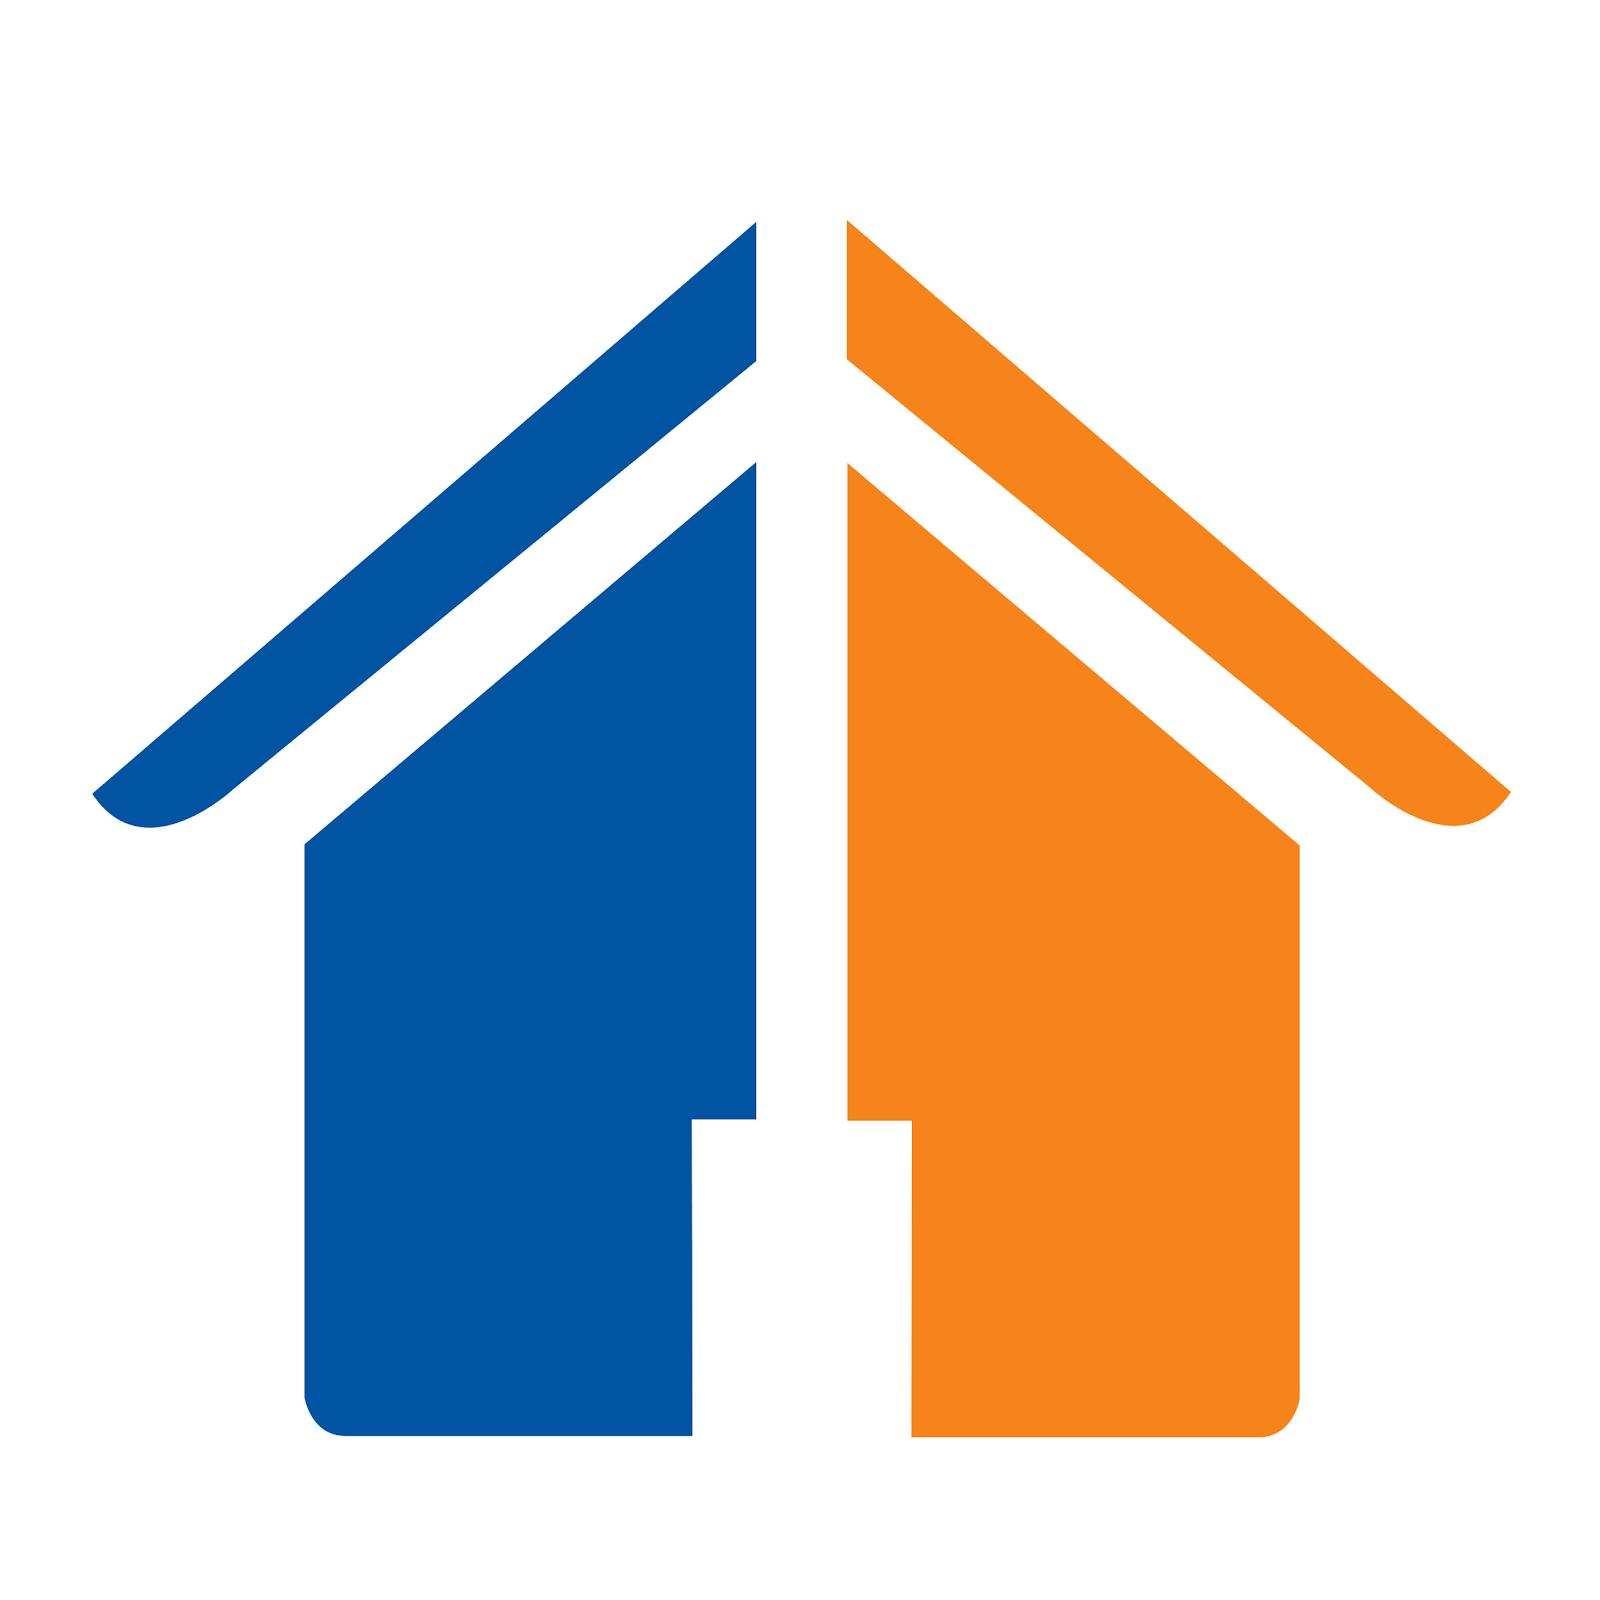 Diaocbariavungtau.com - Nơi mua bán, tư vấn và hỗ trợ bất động sản Bà Rịa Vũng Tàu uy tín